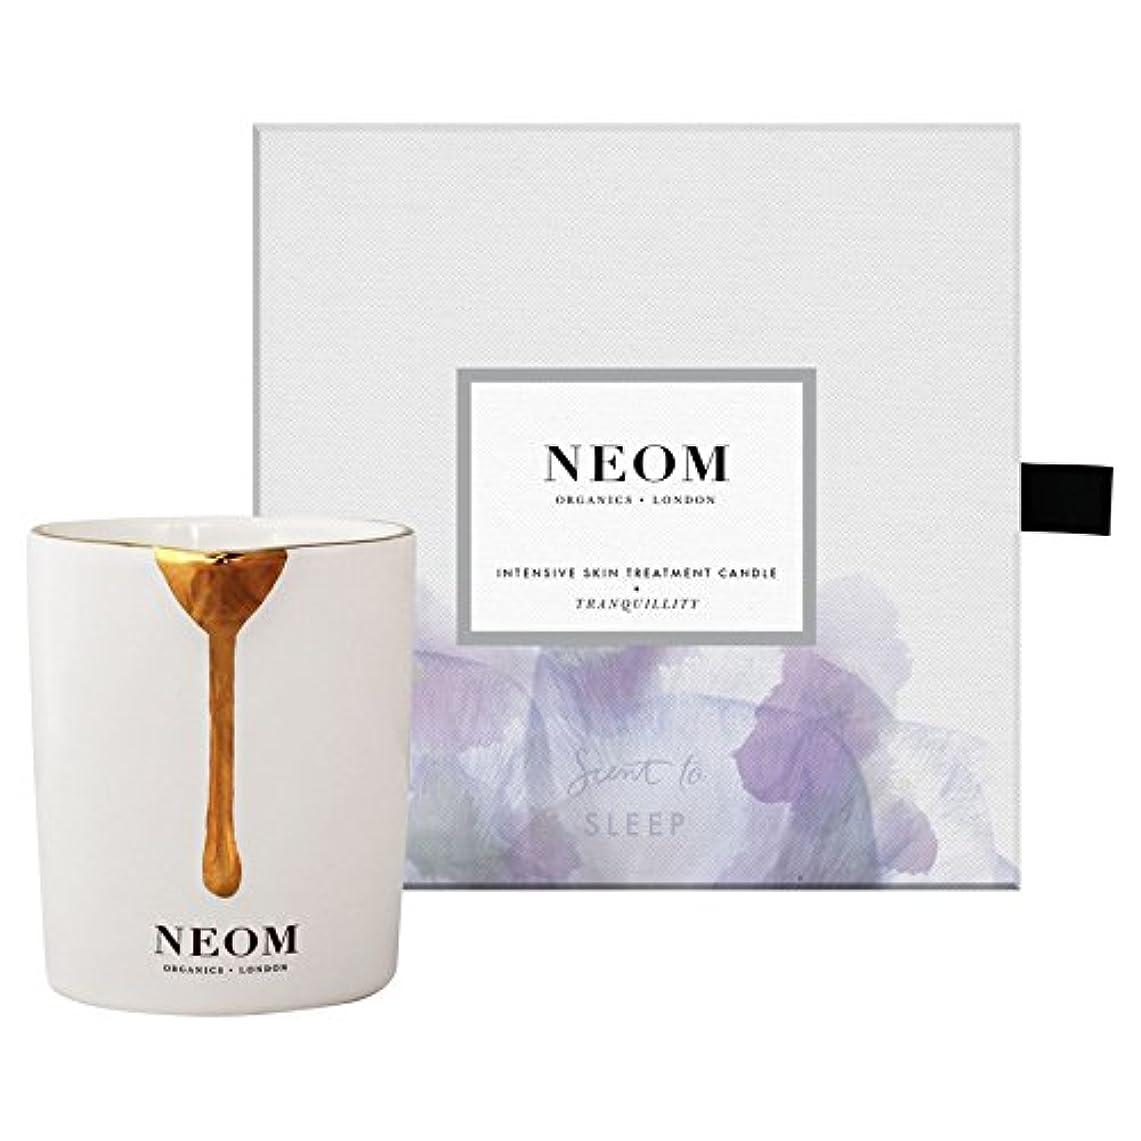 ジェット刺繍リング[Neom] Neom静けさのスキントリートメントキャンドル - Neom Tranquility Skin Treatment Candle [並行輸入品]